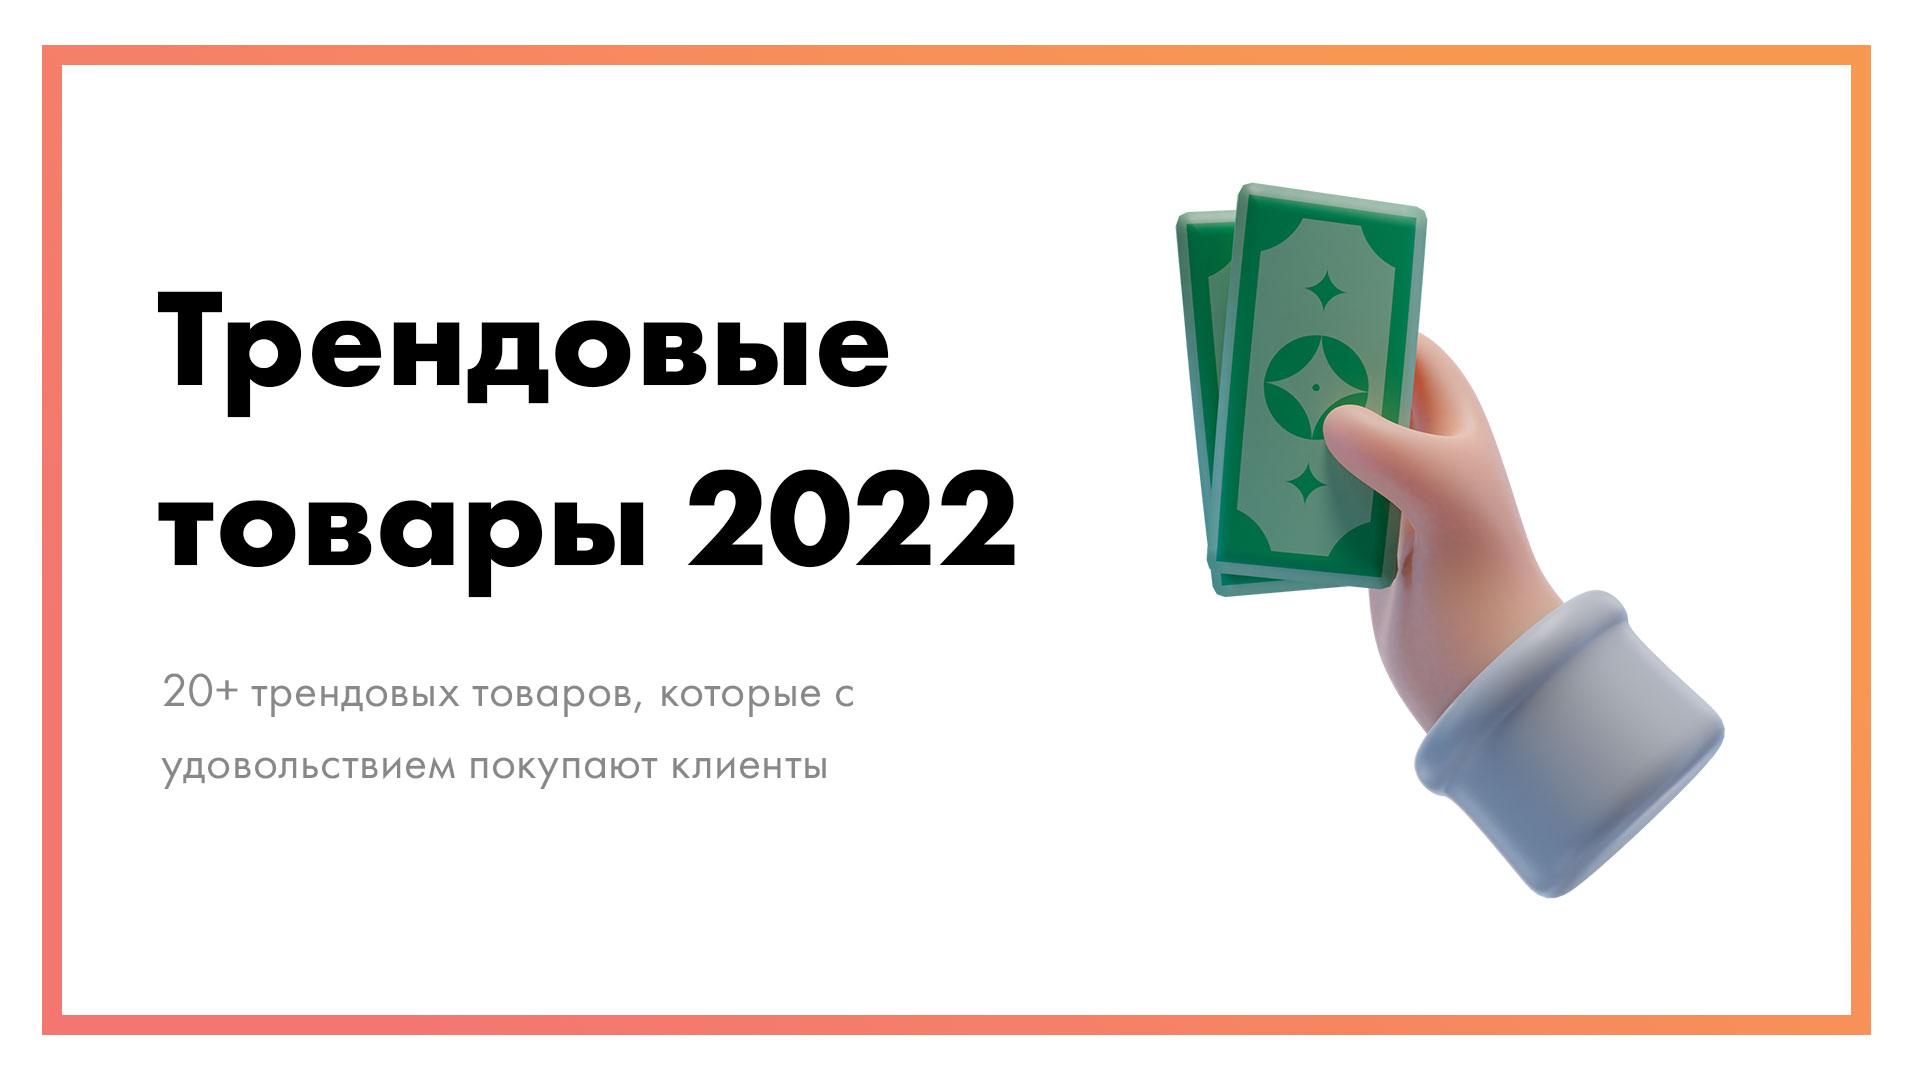 20+-трендовых-товаров,-которые-будут-продаваться-в-2022-году.jpg